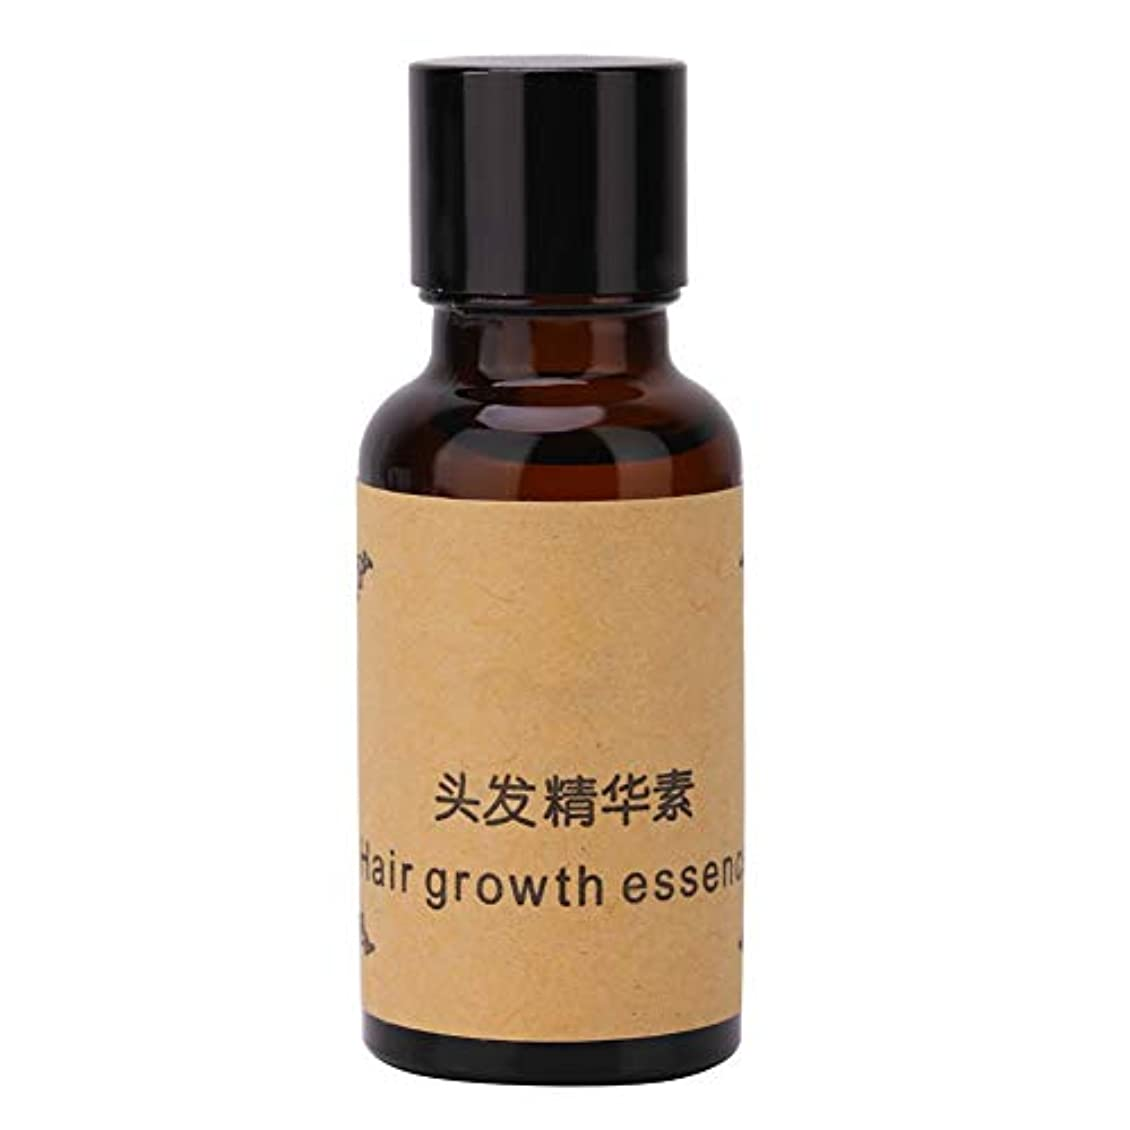 意気揚々日常的に汚すヘアケアエッセンシャルオイル、栄養補給ヘアケアエッセンシャルオイル保湿エッセンスアンチ抜け毛防止リキッド20ml